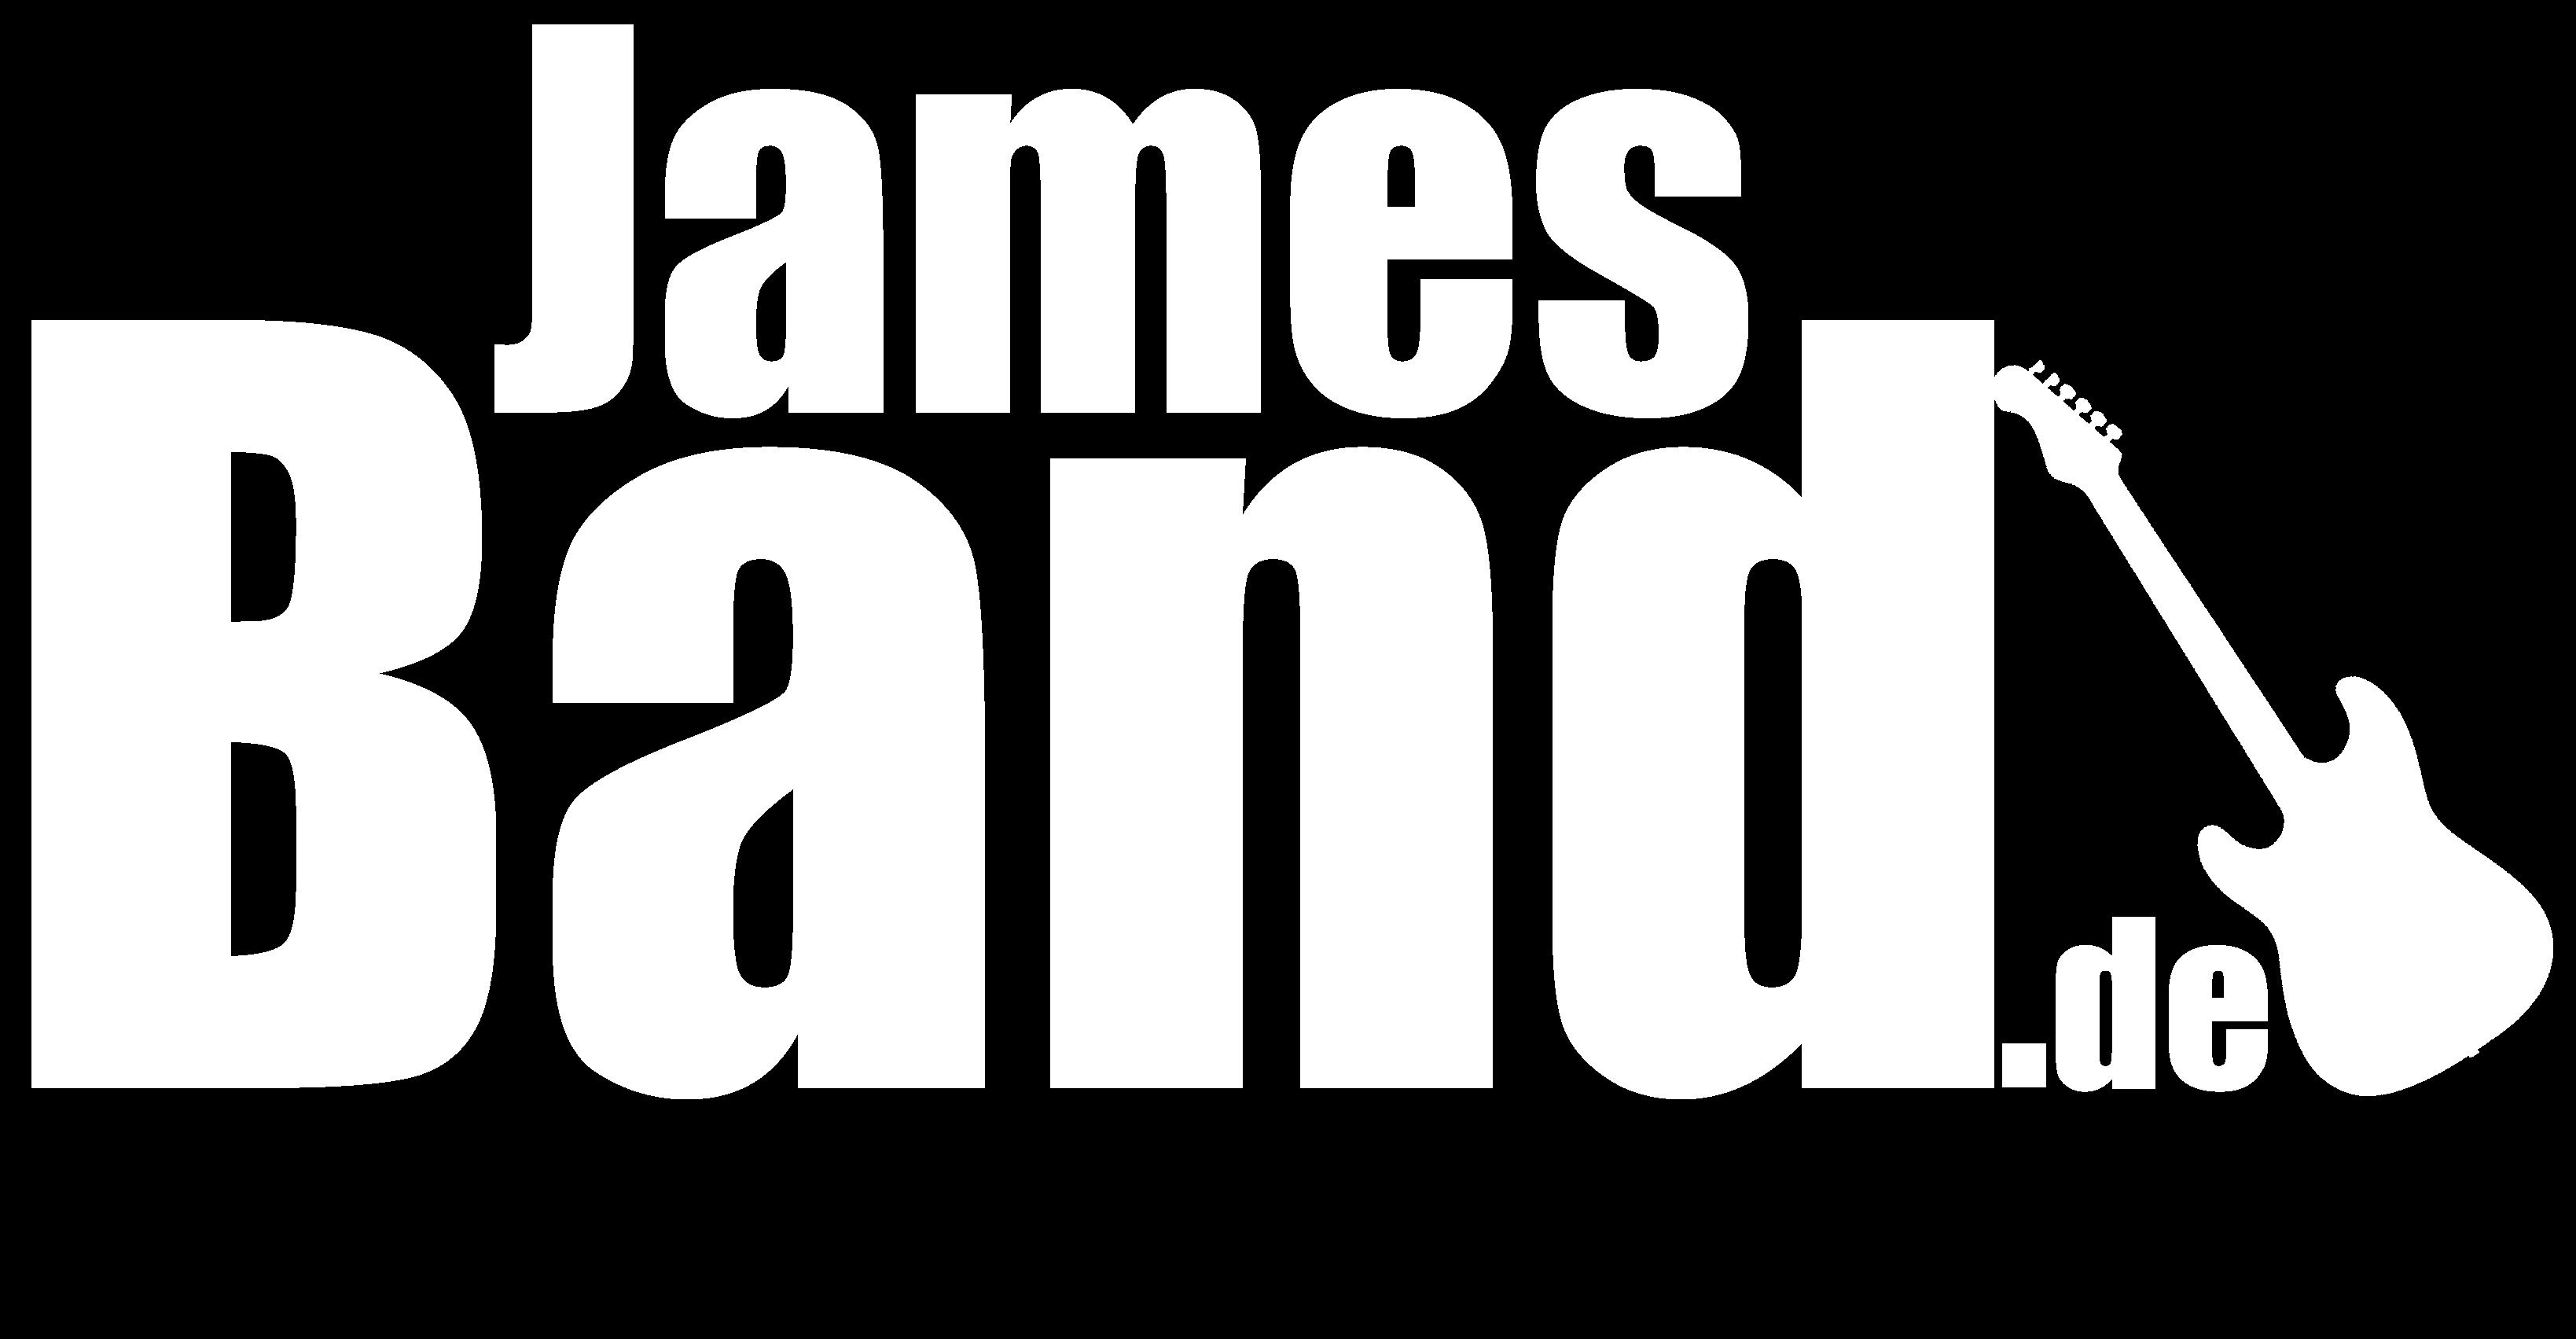 Jamesband